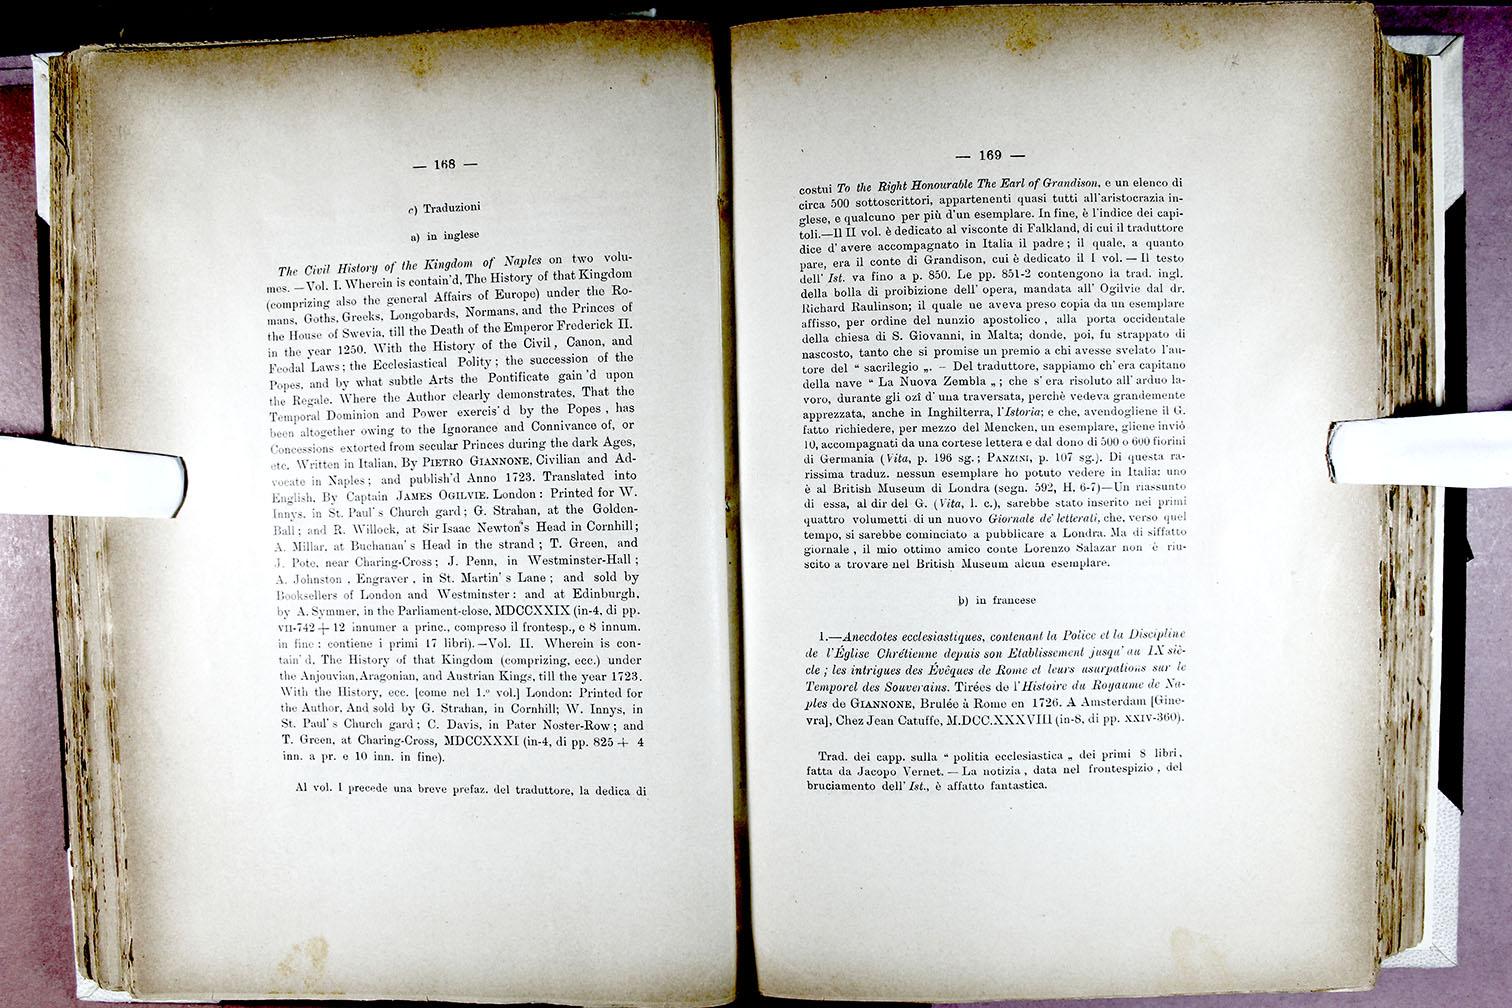 La Credenza Traduzione In Francese : Archivio storico per le province napoletane società napoletana